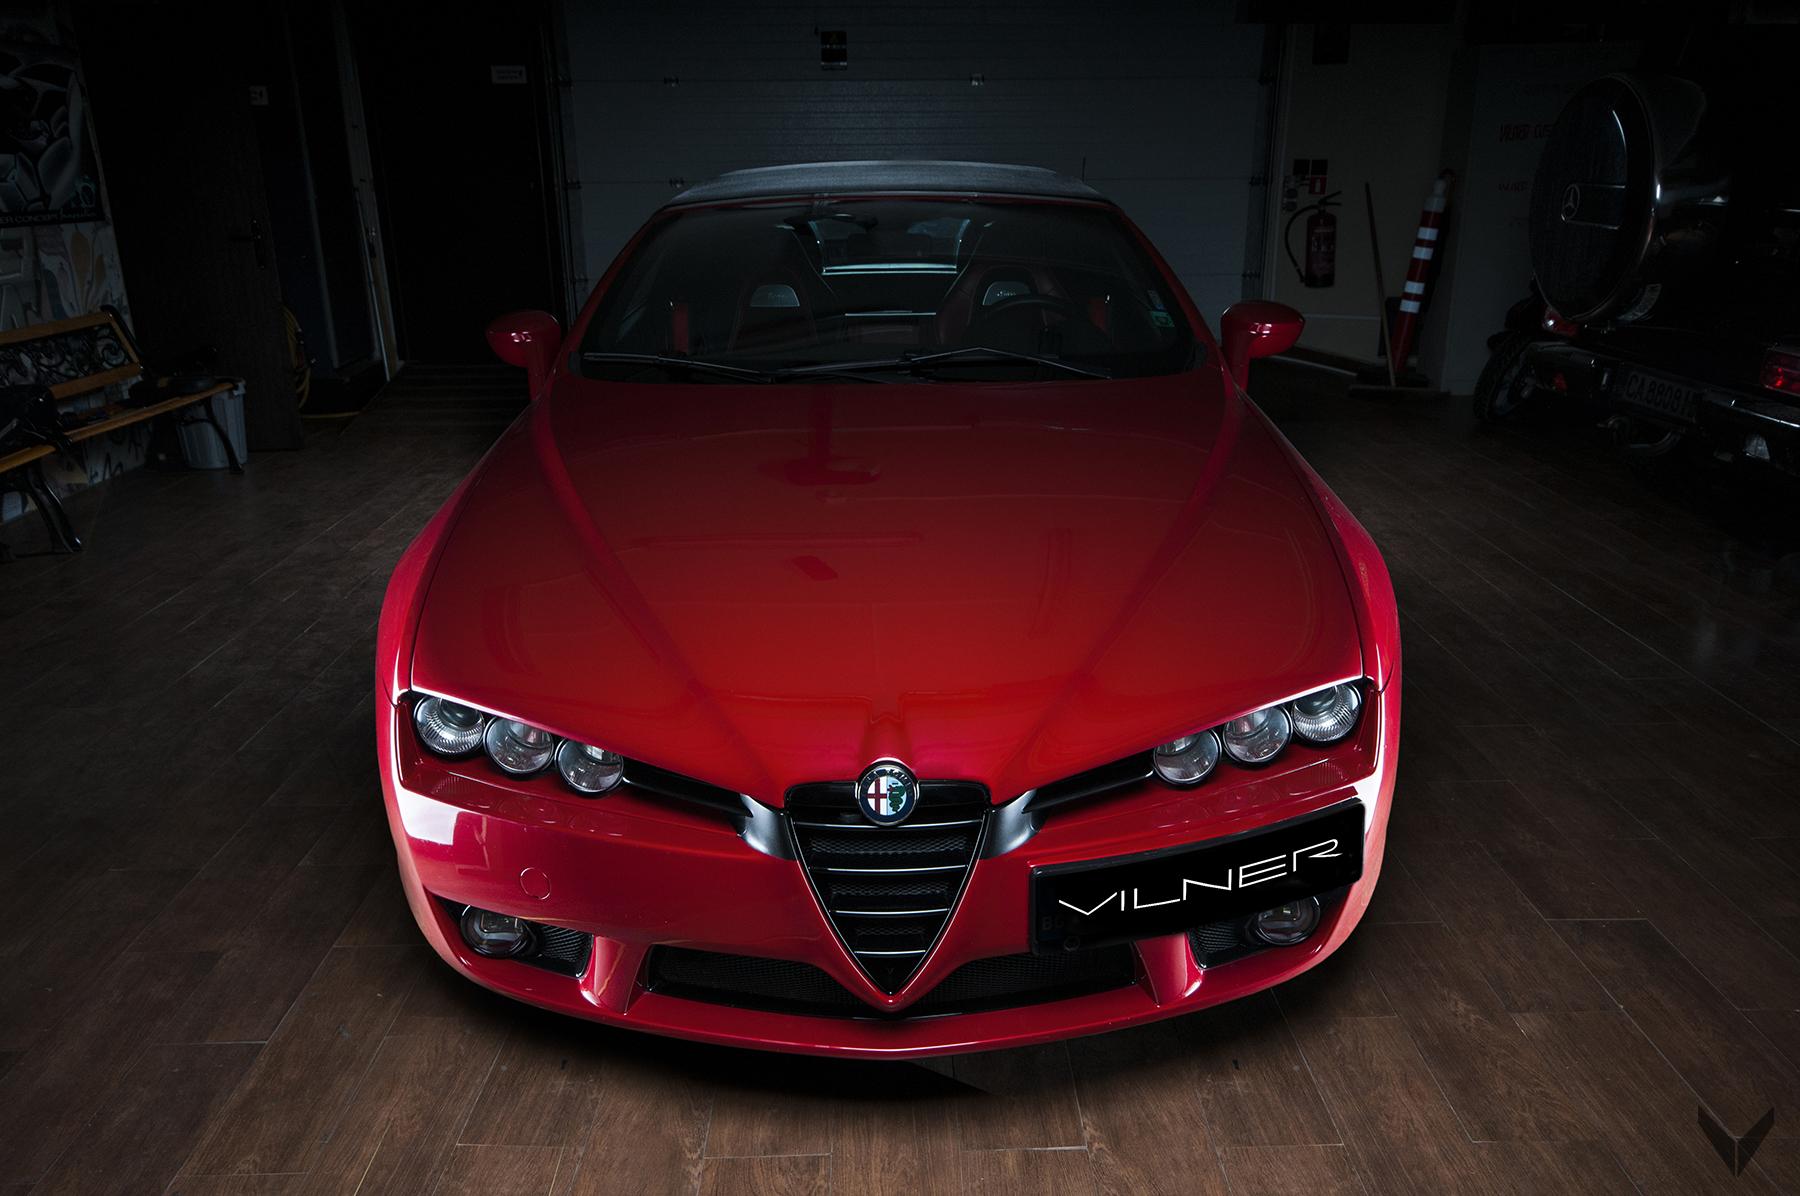 FOTO Alfa Romeo Spider novi život daje mu Vilner